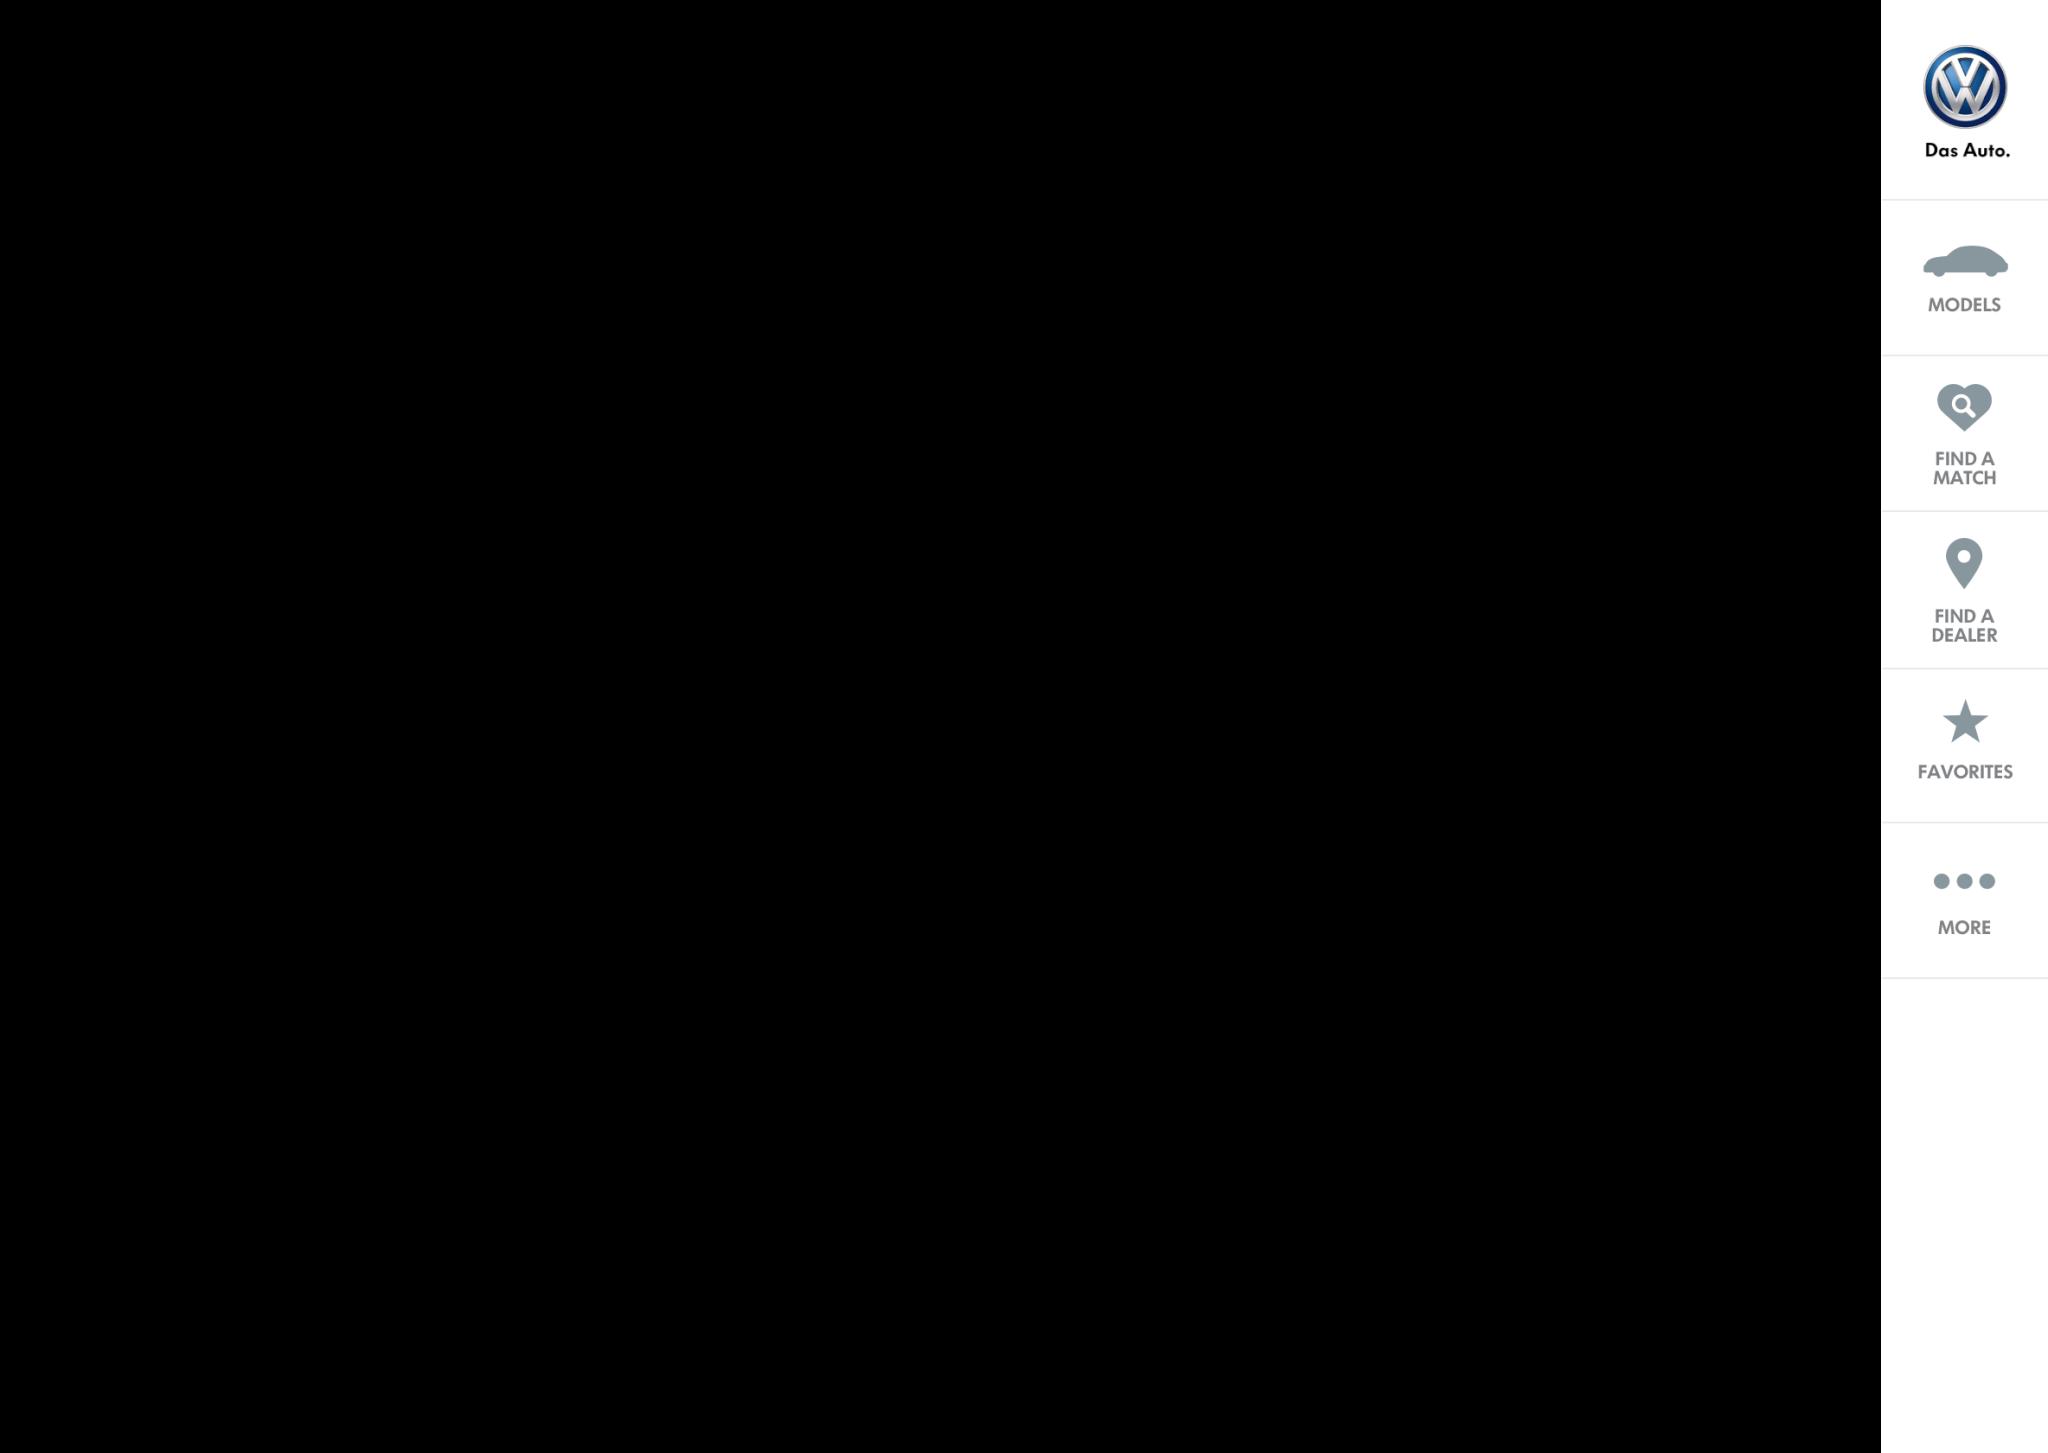 VWcom_Nav